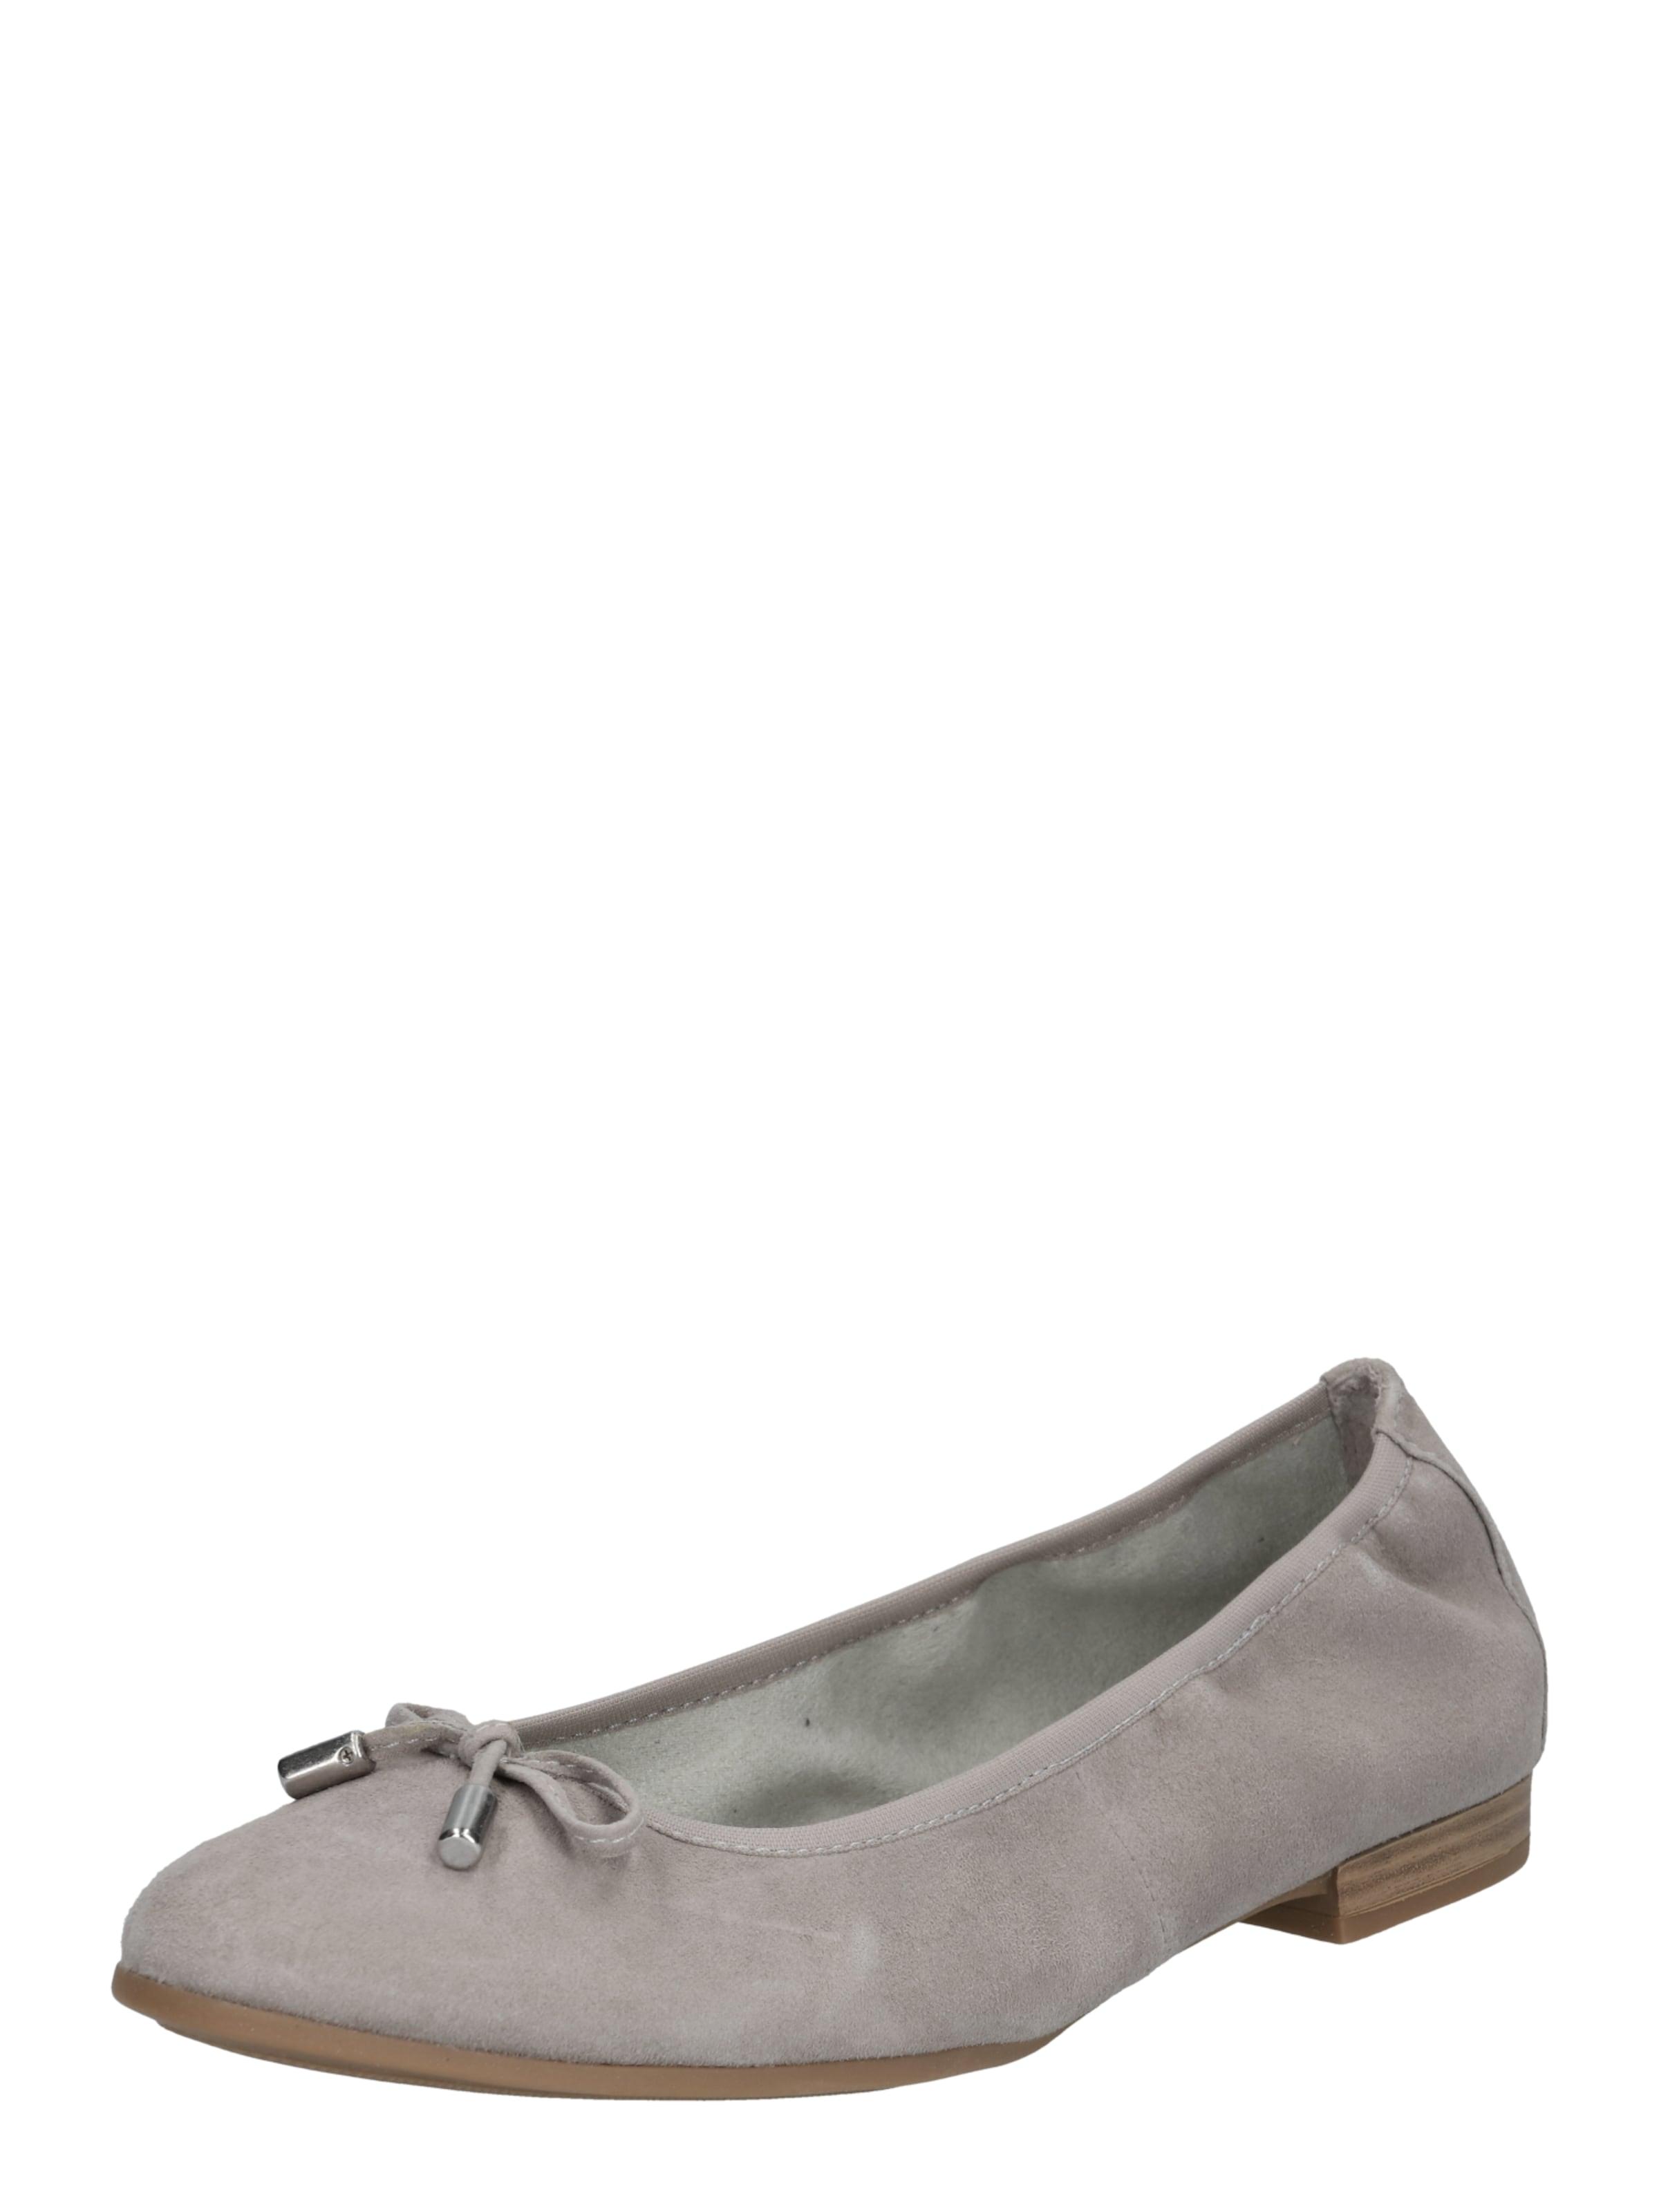 s.Oliver RED LABEL Ballerina Verschleißfeste billige Schuhe